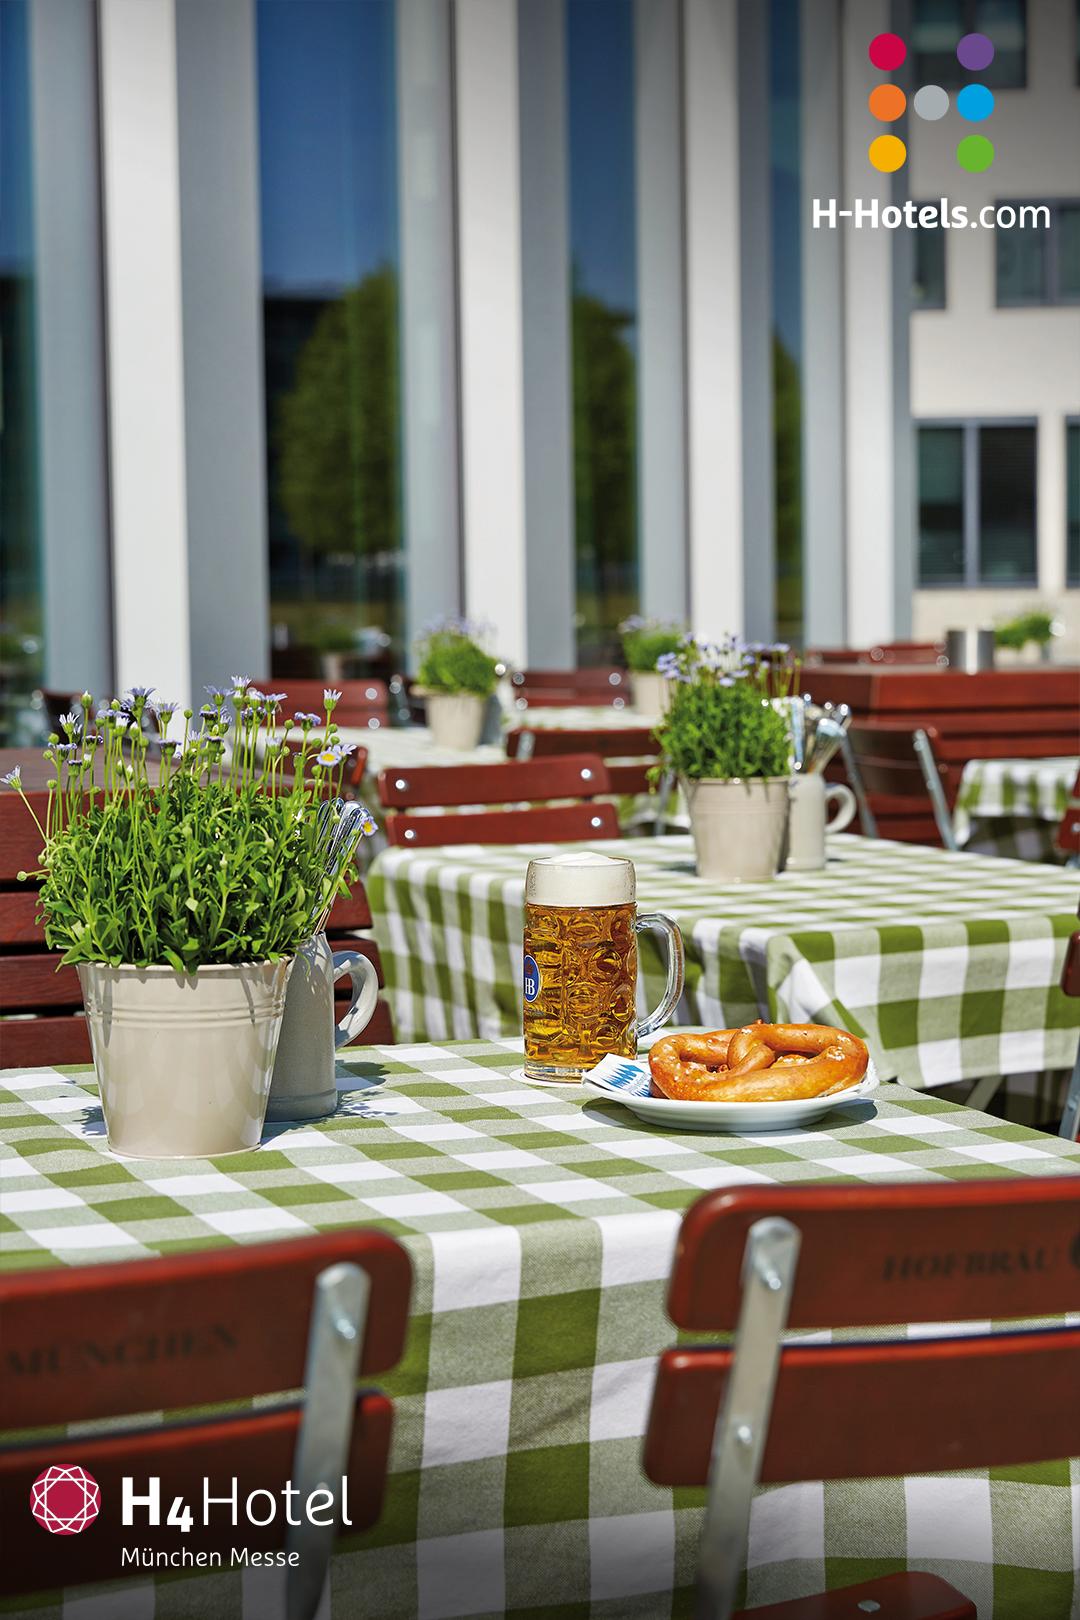 Geniesse Angenehmen Komfort Und Typisch Bayerische Lebensart In Unserem 4 Sterne Superior H4 Hotel Munchen Messe Da In 2020 Hotel Munchen Munchen Messe Hotel